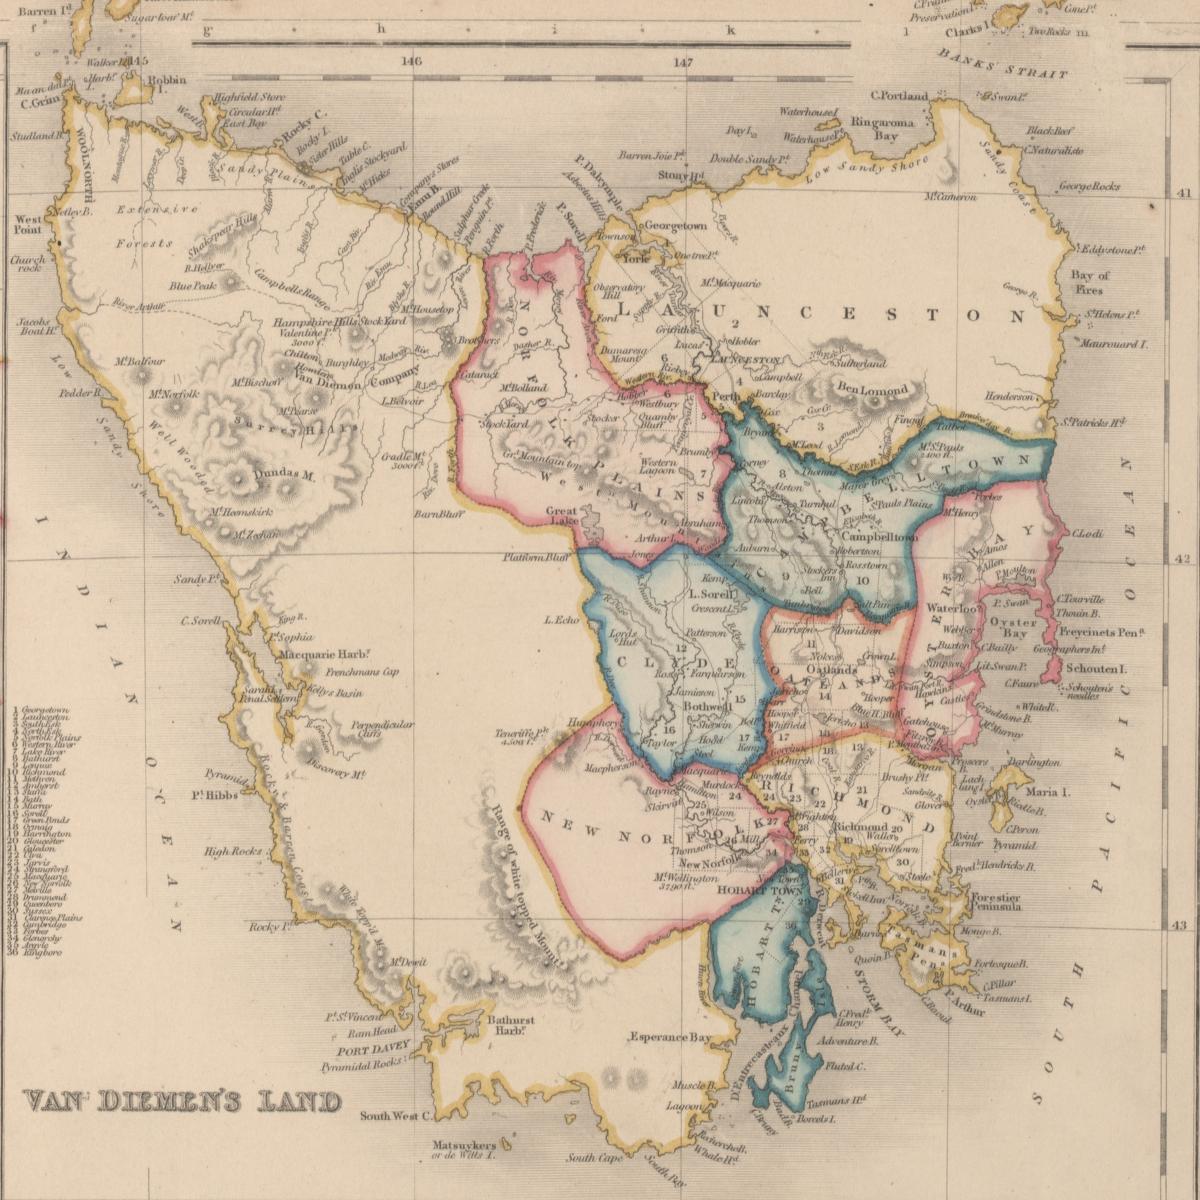 1852 map of Van Diemen's Land